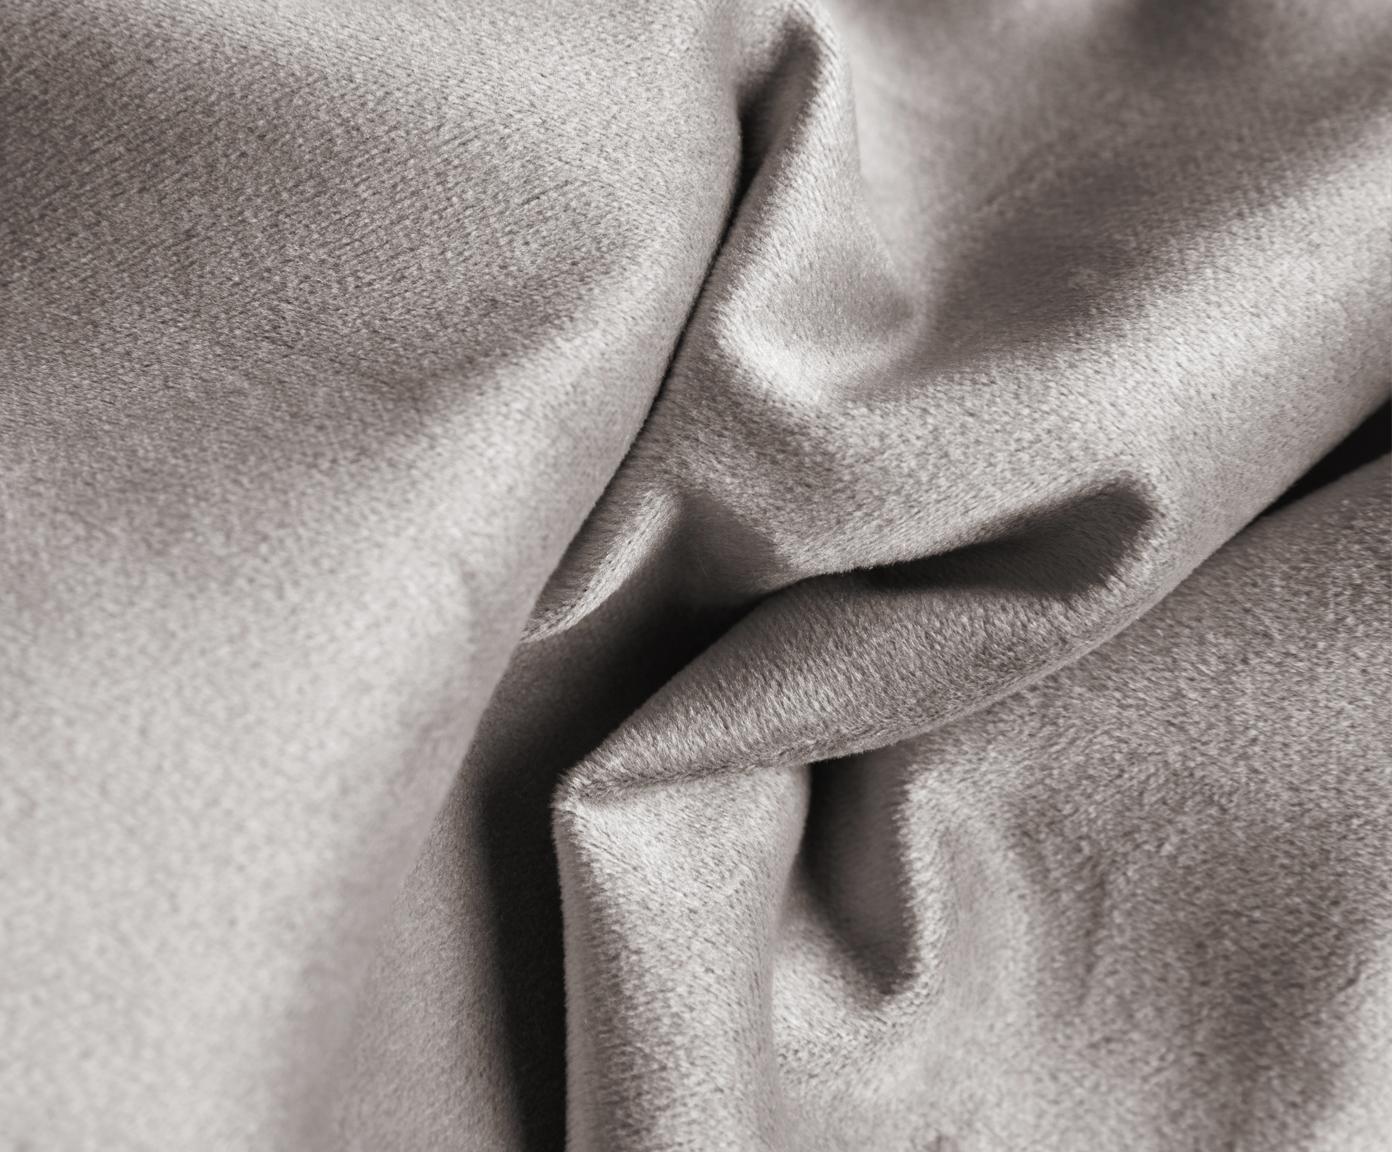 Szezlong z aksamitu Alva, oparcie z lewej strony, Tapicerka: aksamit (wysokiej jakości, Stelaż: drewno sosnowe, Nogi: lite drewno bukowe, barwi, Tapicerka: ciemnoszary Nogi: drewno bukowe, ciemne, barwione, S 193 x G 94 cm